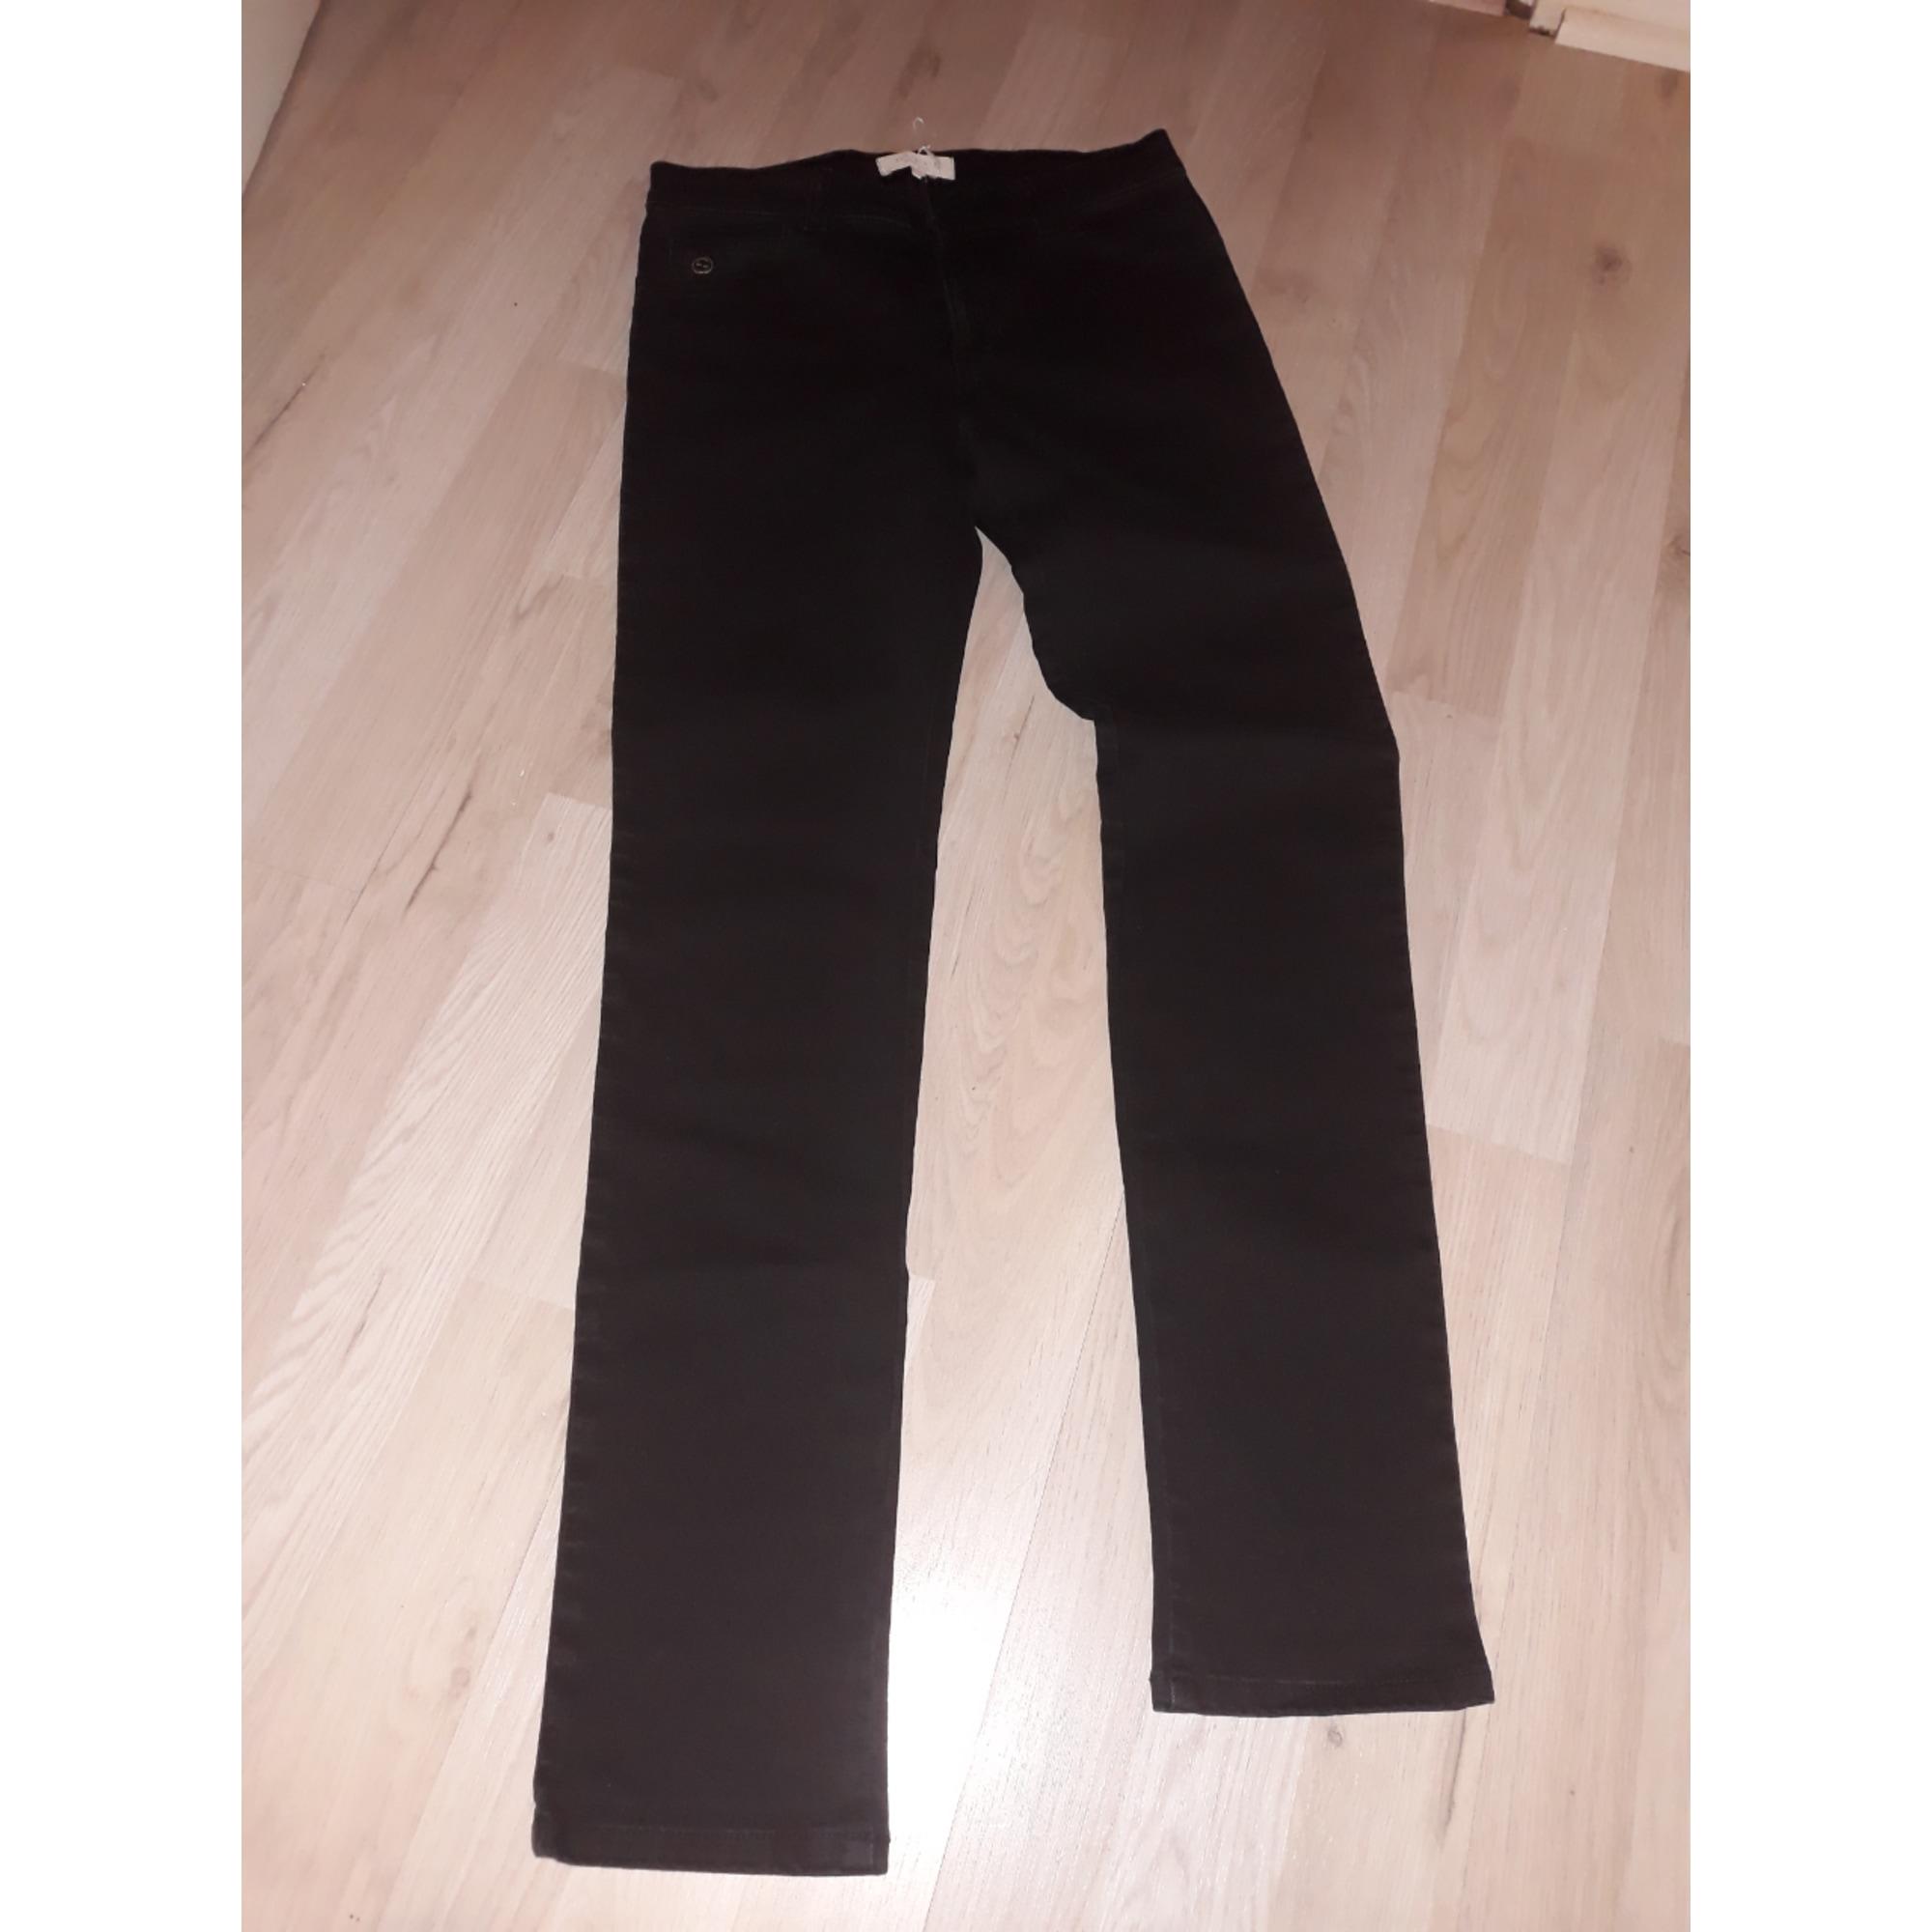 Skinny Jeans GUCCI Schwarz